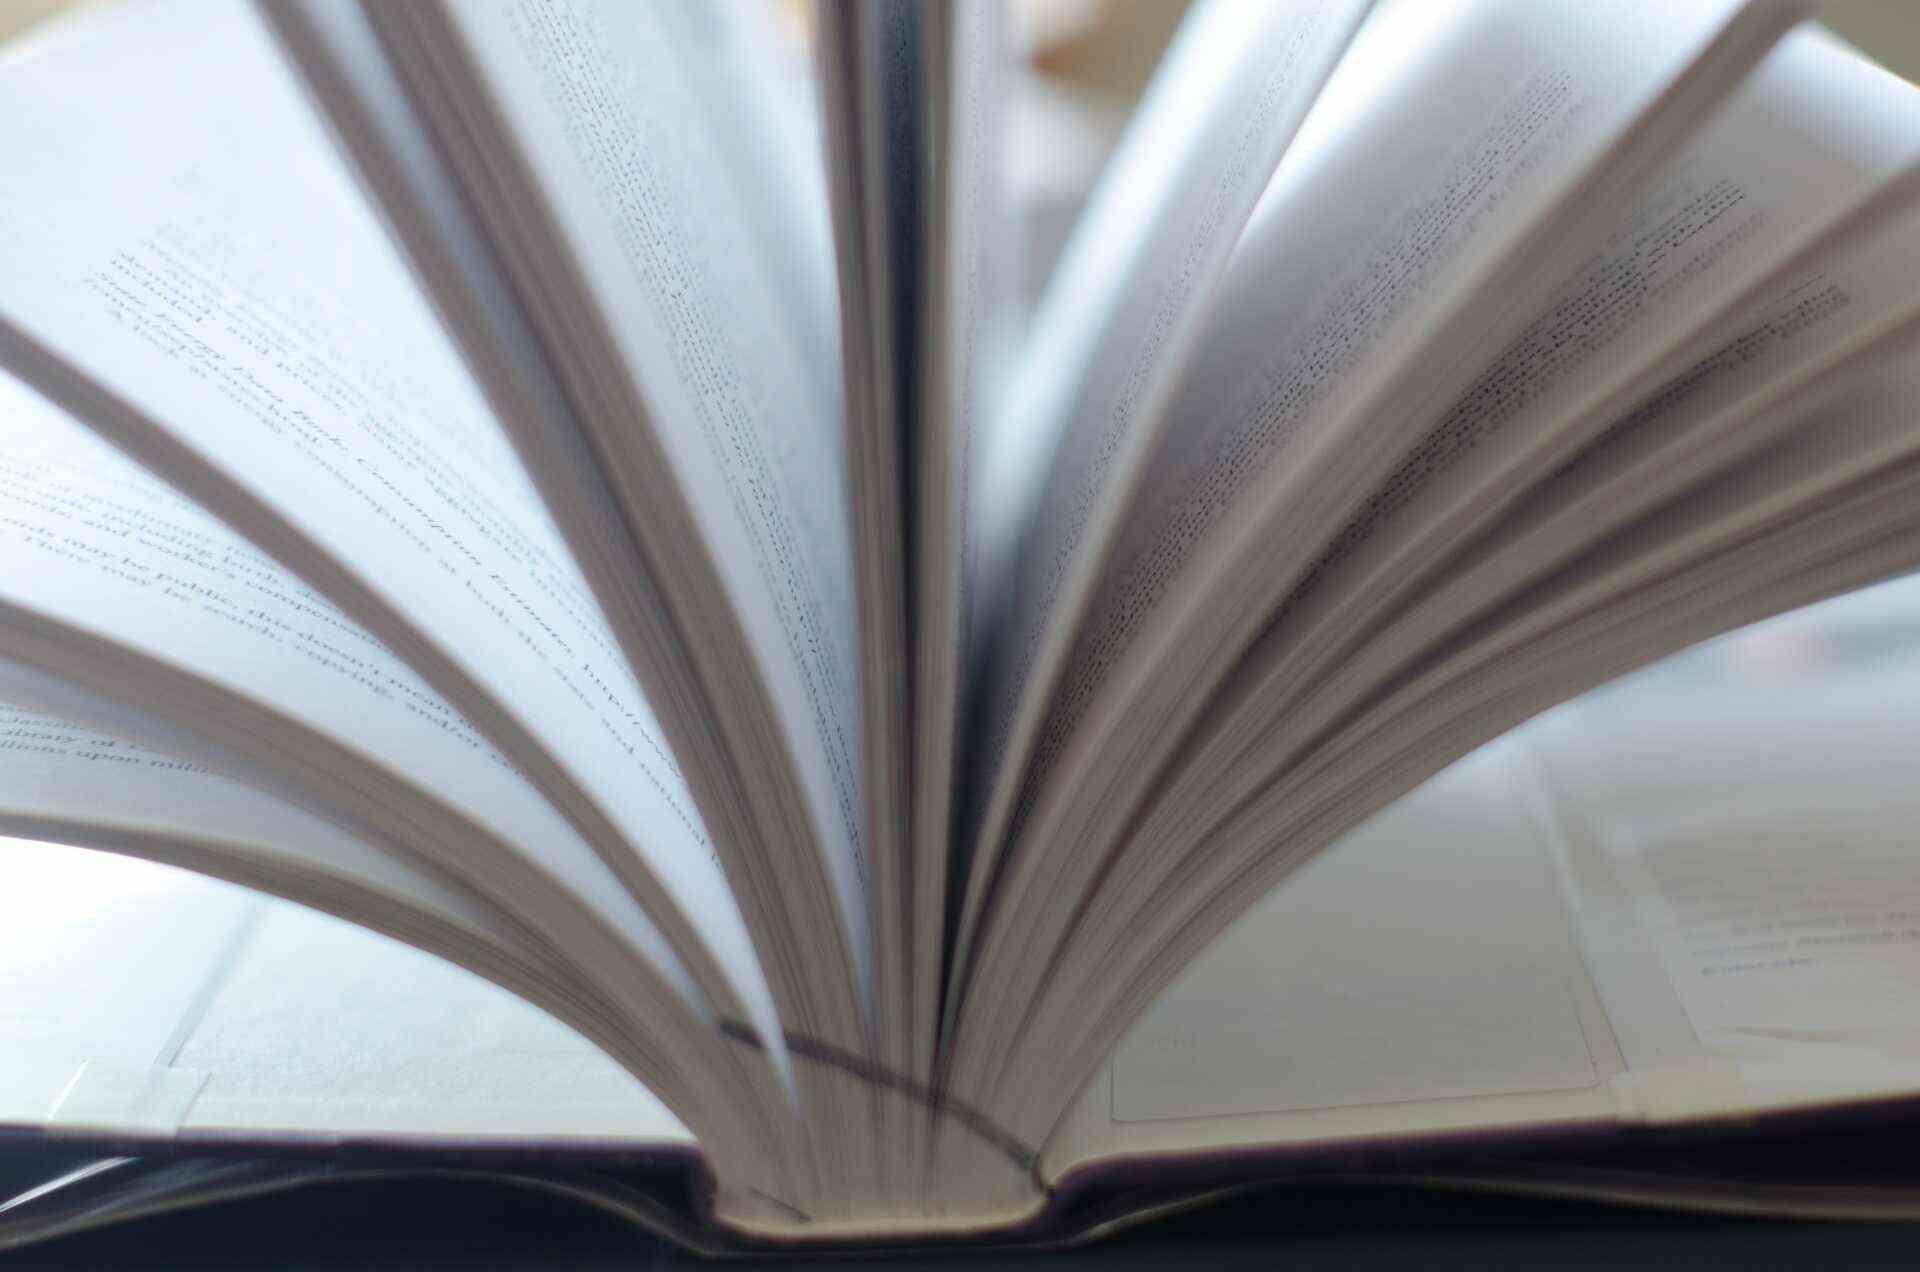 印刷業界は「出版印刷」と「商業印刷」の2つに分けられる